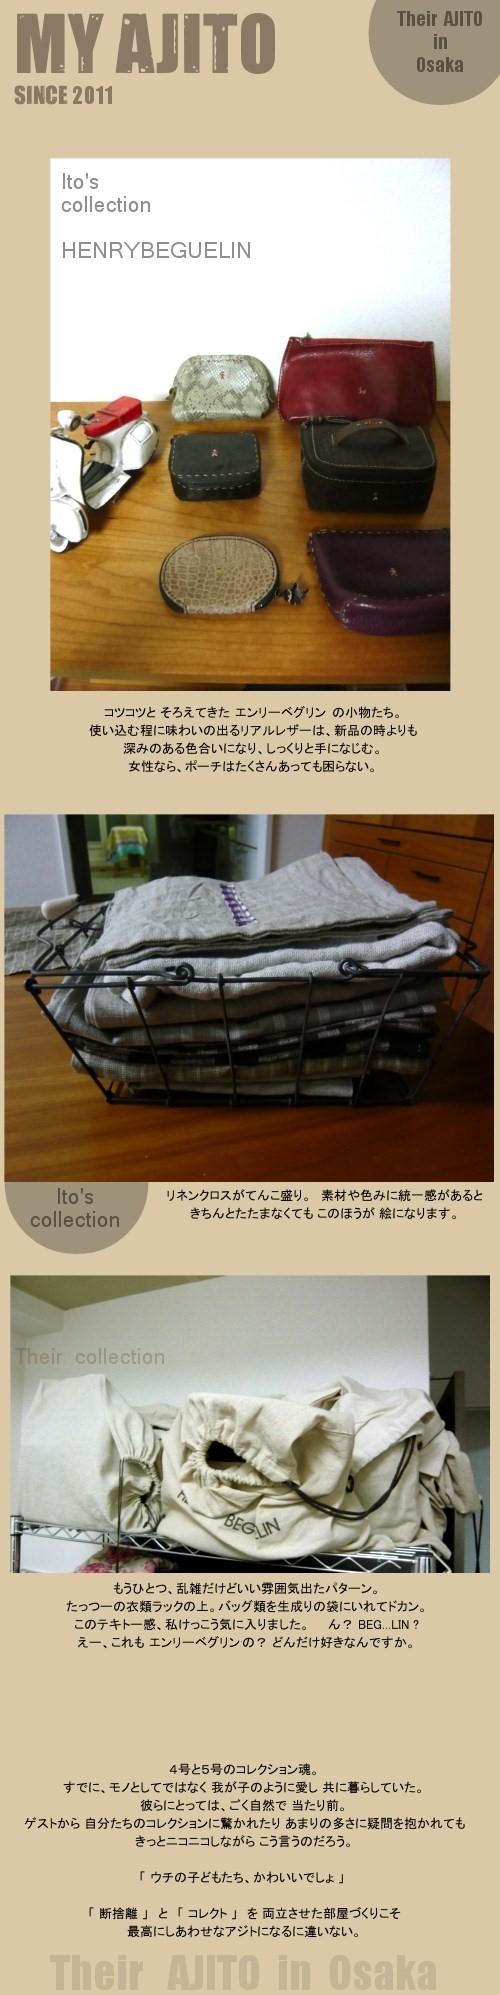 OSAKA_006.jpg